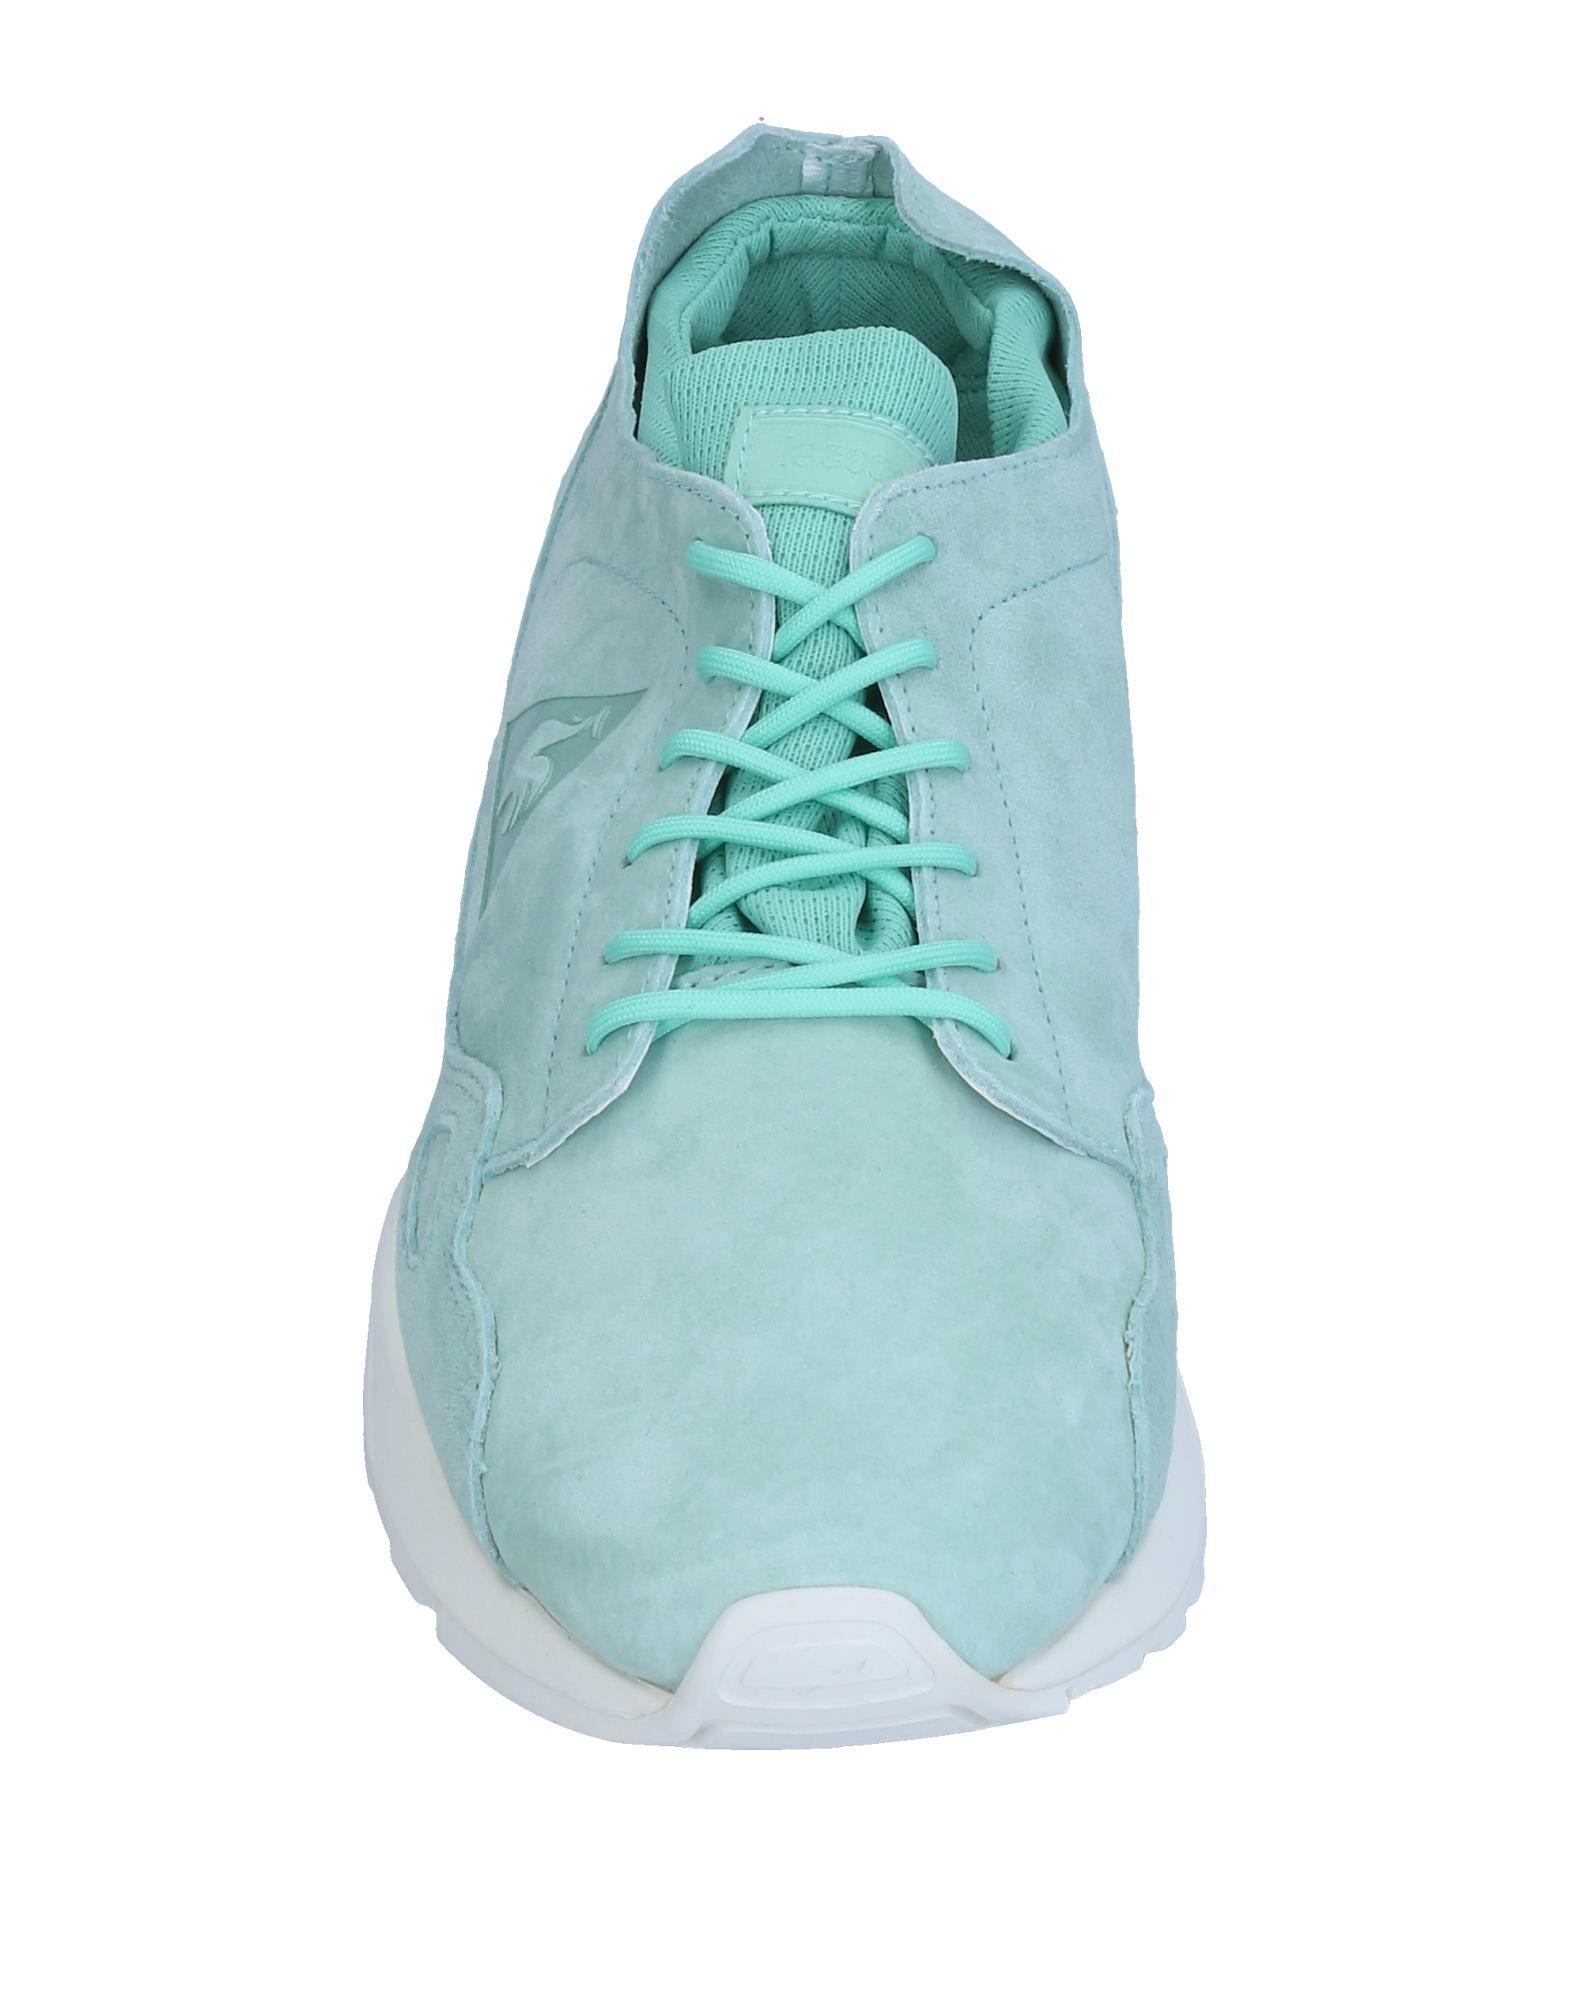 Sneakers Le Coq Sportif Femme - Sneakers Le Coq Sportif sur